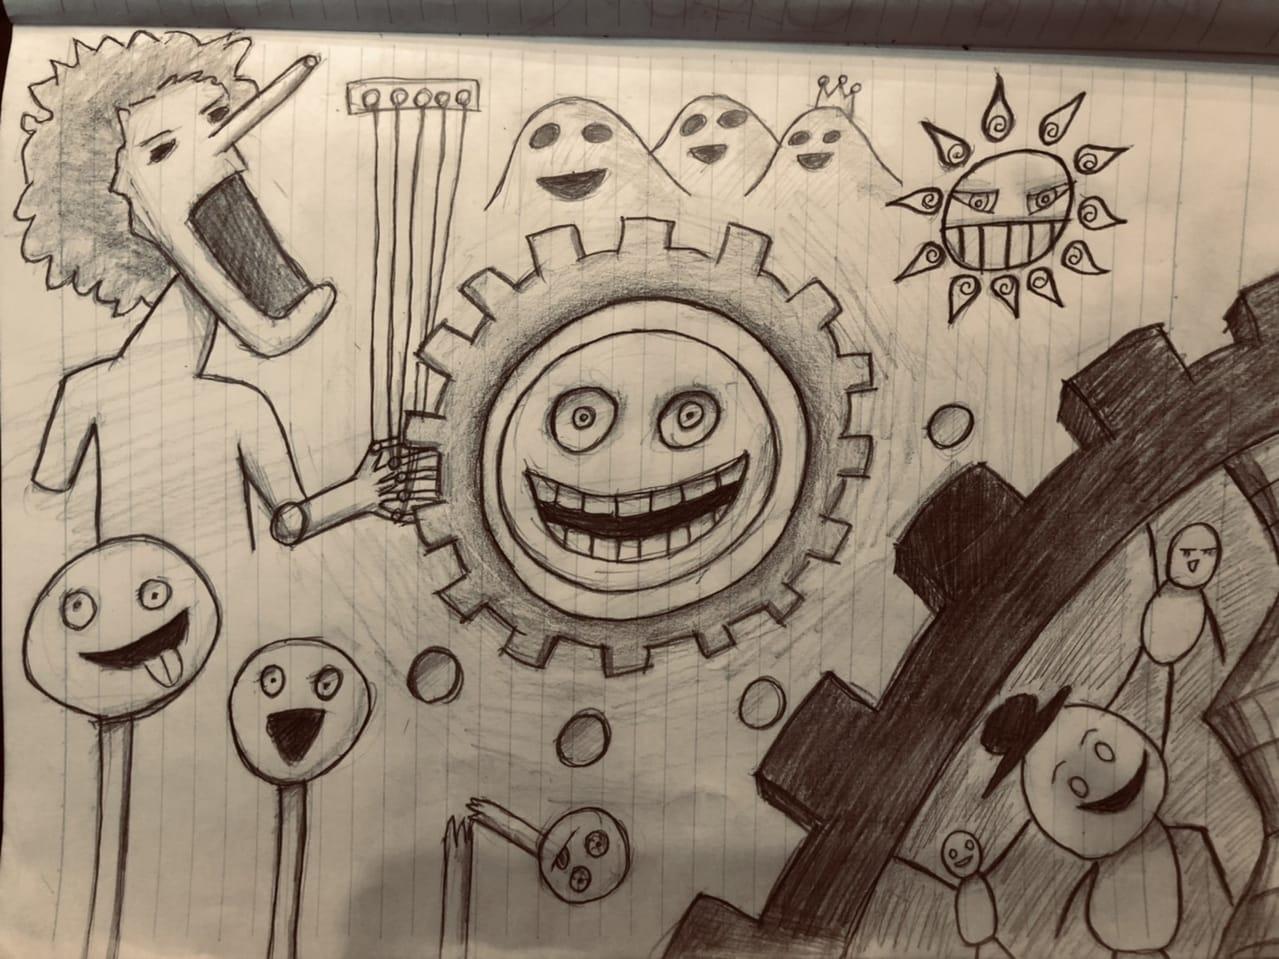 てきとうならくがき Illust of けんせい#アナログ同盟 doodle アナログ てきとうならくがき original illustration AnalogDrawing medibangpaint